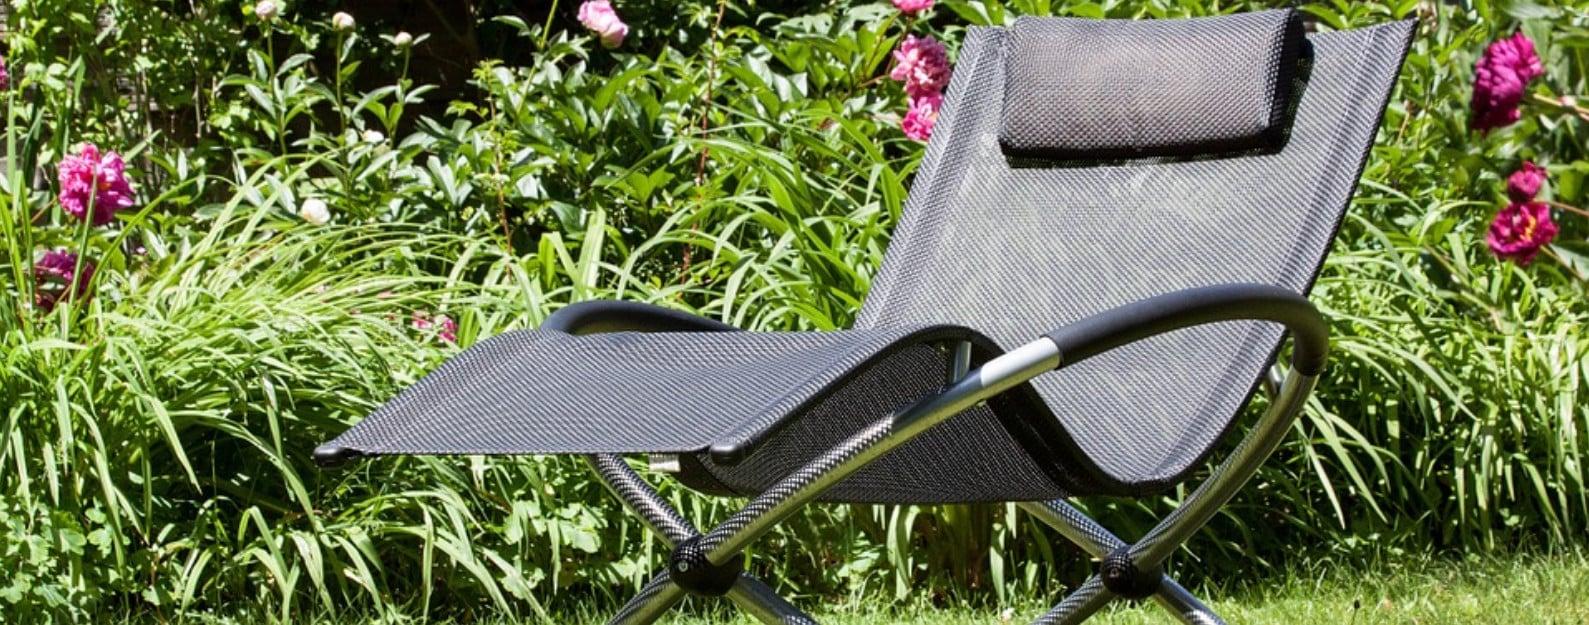 Comparatif pour choisir la meilleure chaise longue